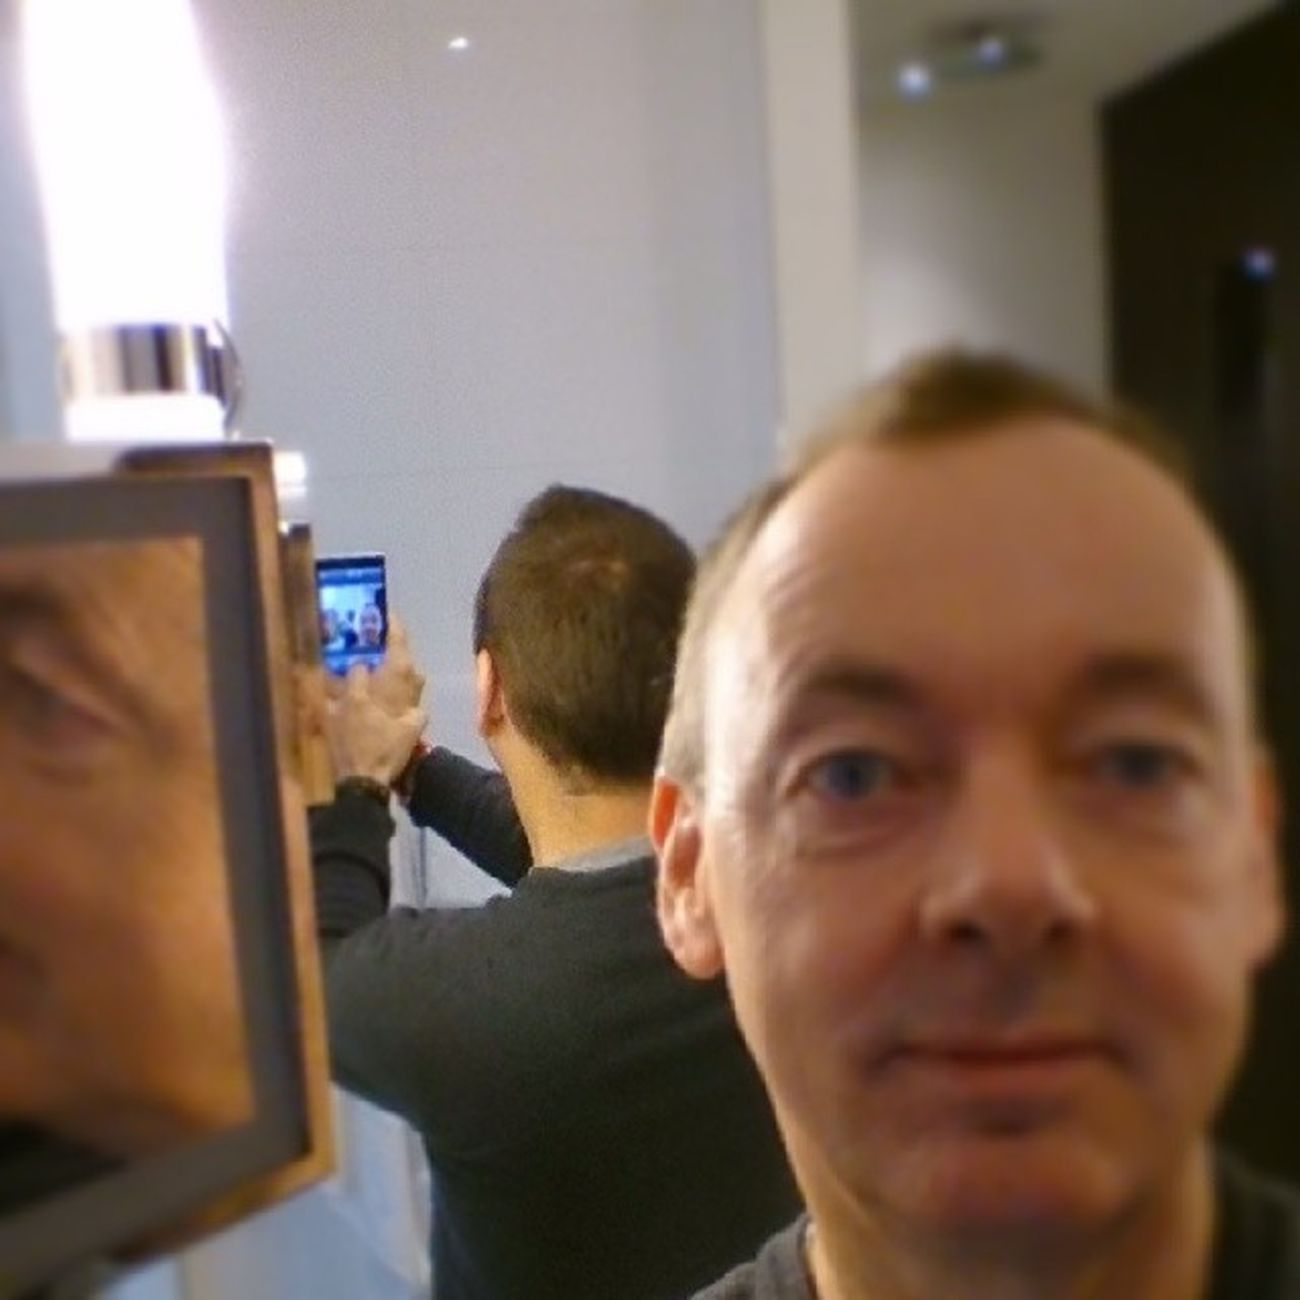 Goedemorgen vanuit Busslo.... (het betere Droste effect) Selfie Thermenbusslo